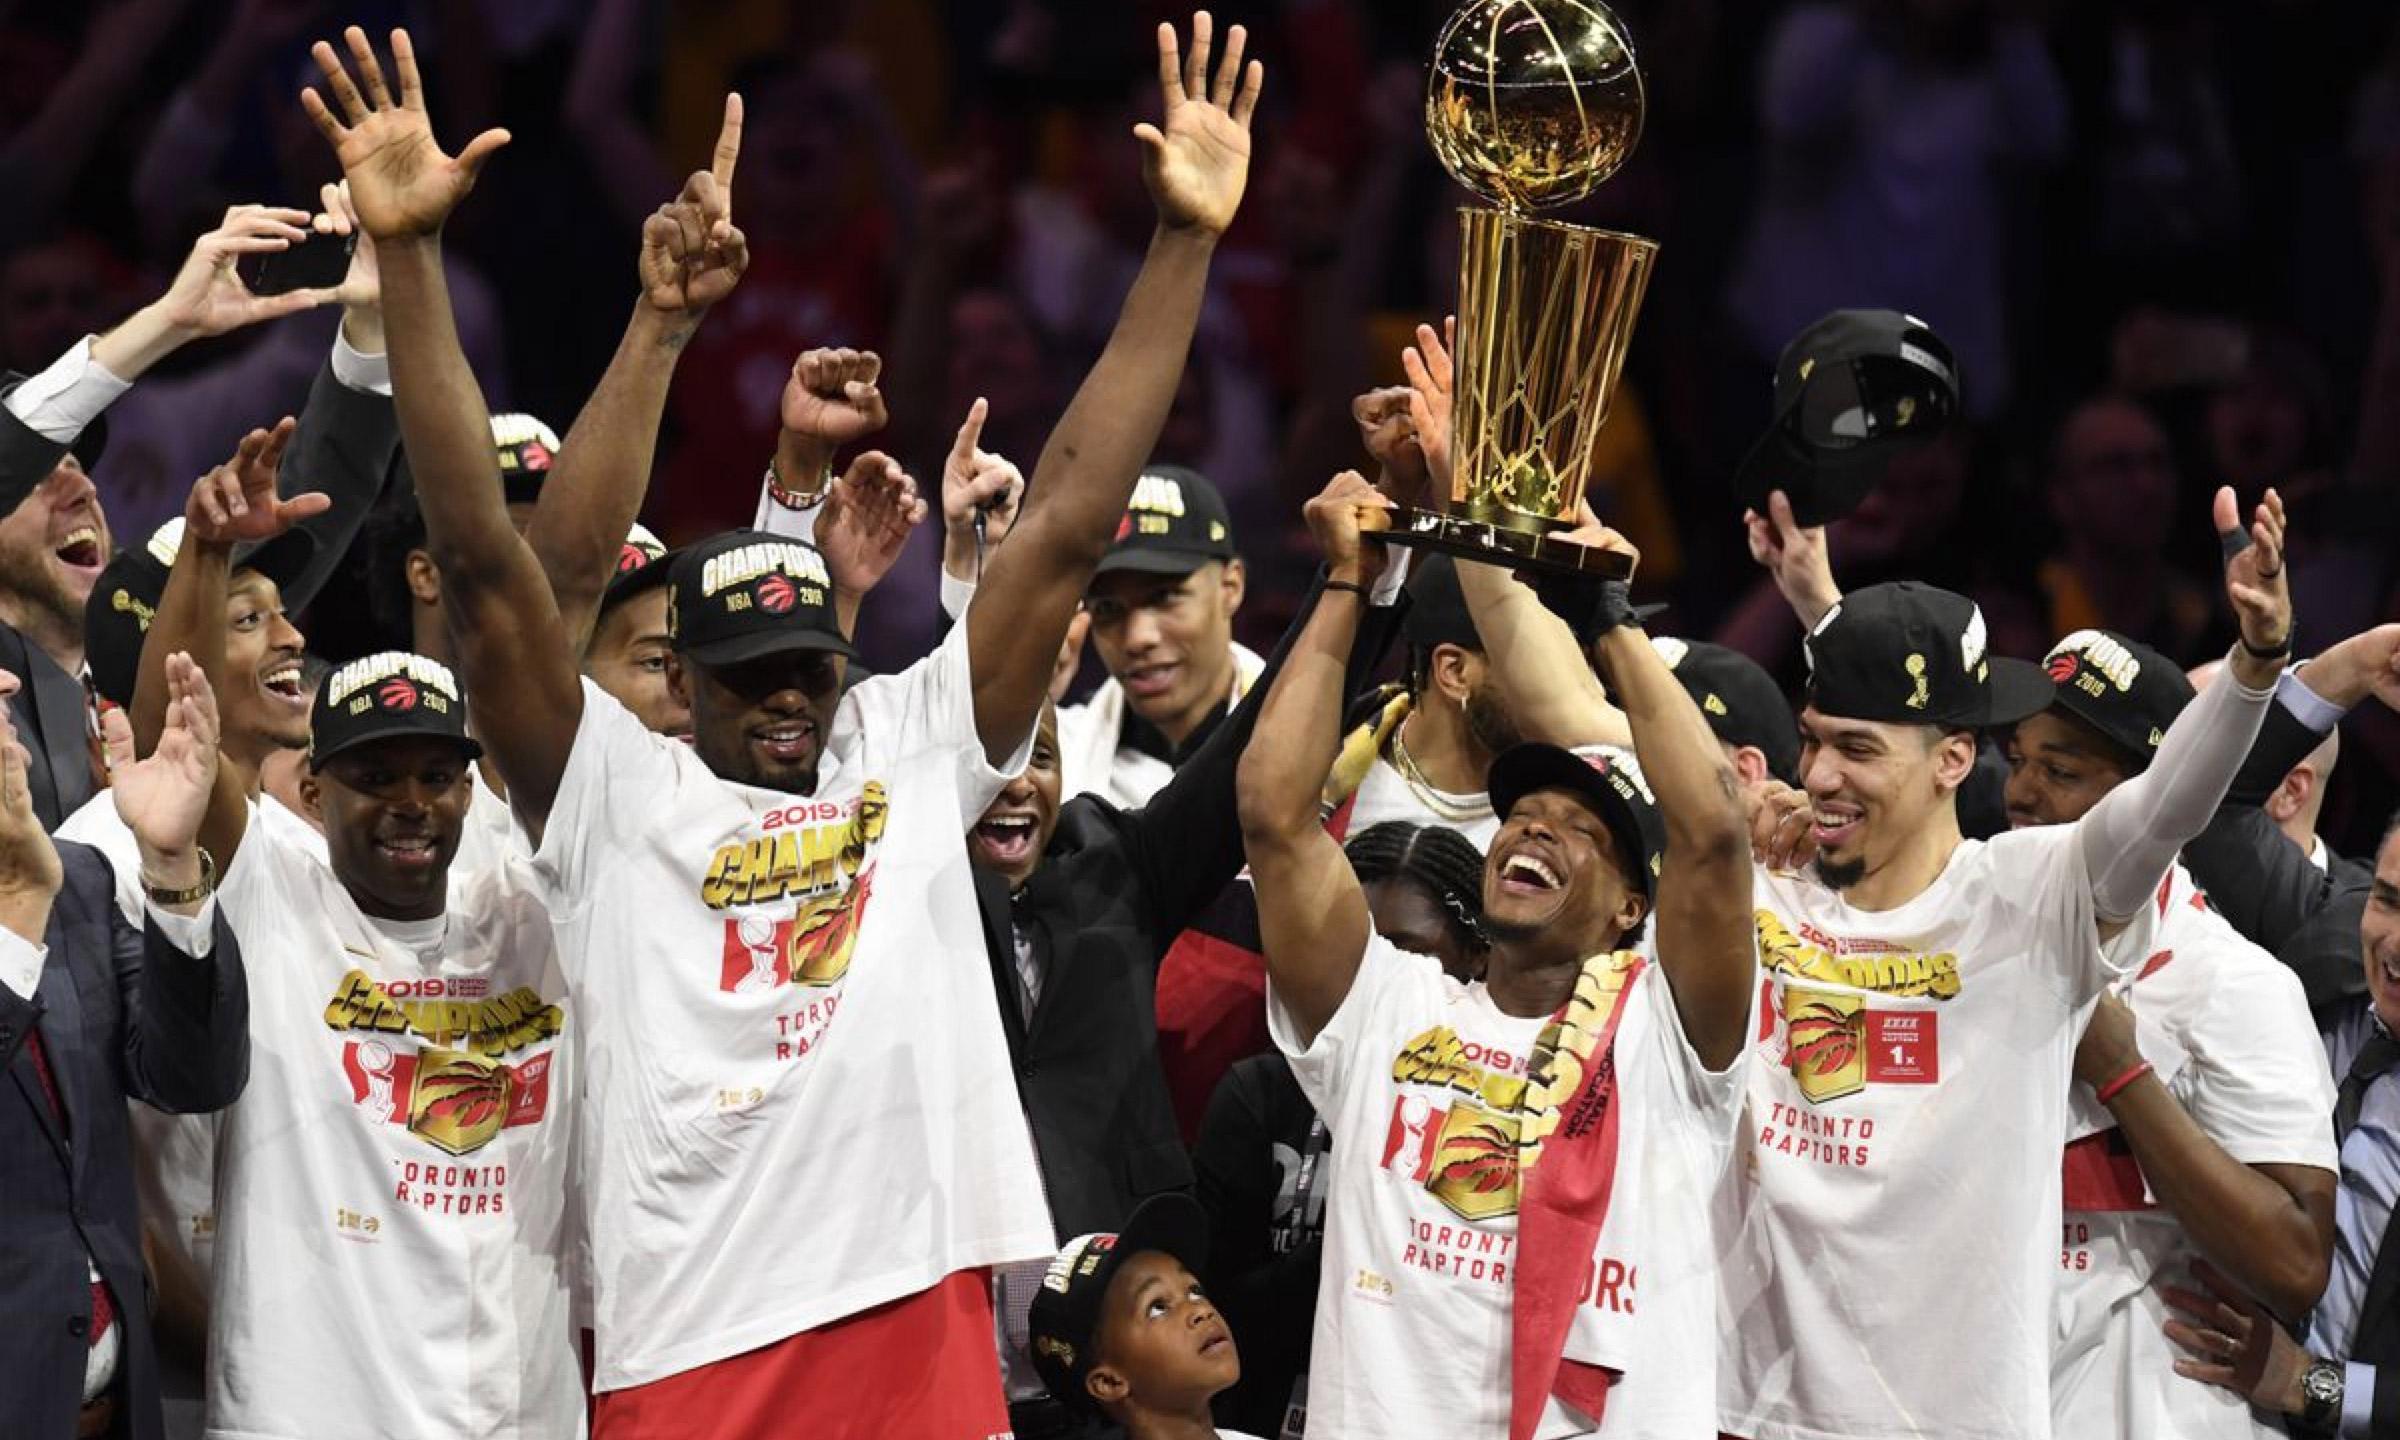 队史首冠!多伦多猛龙 4-2 战胜金州勇士拿下 NBA 总冠军